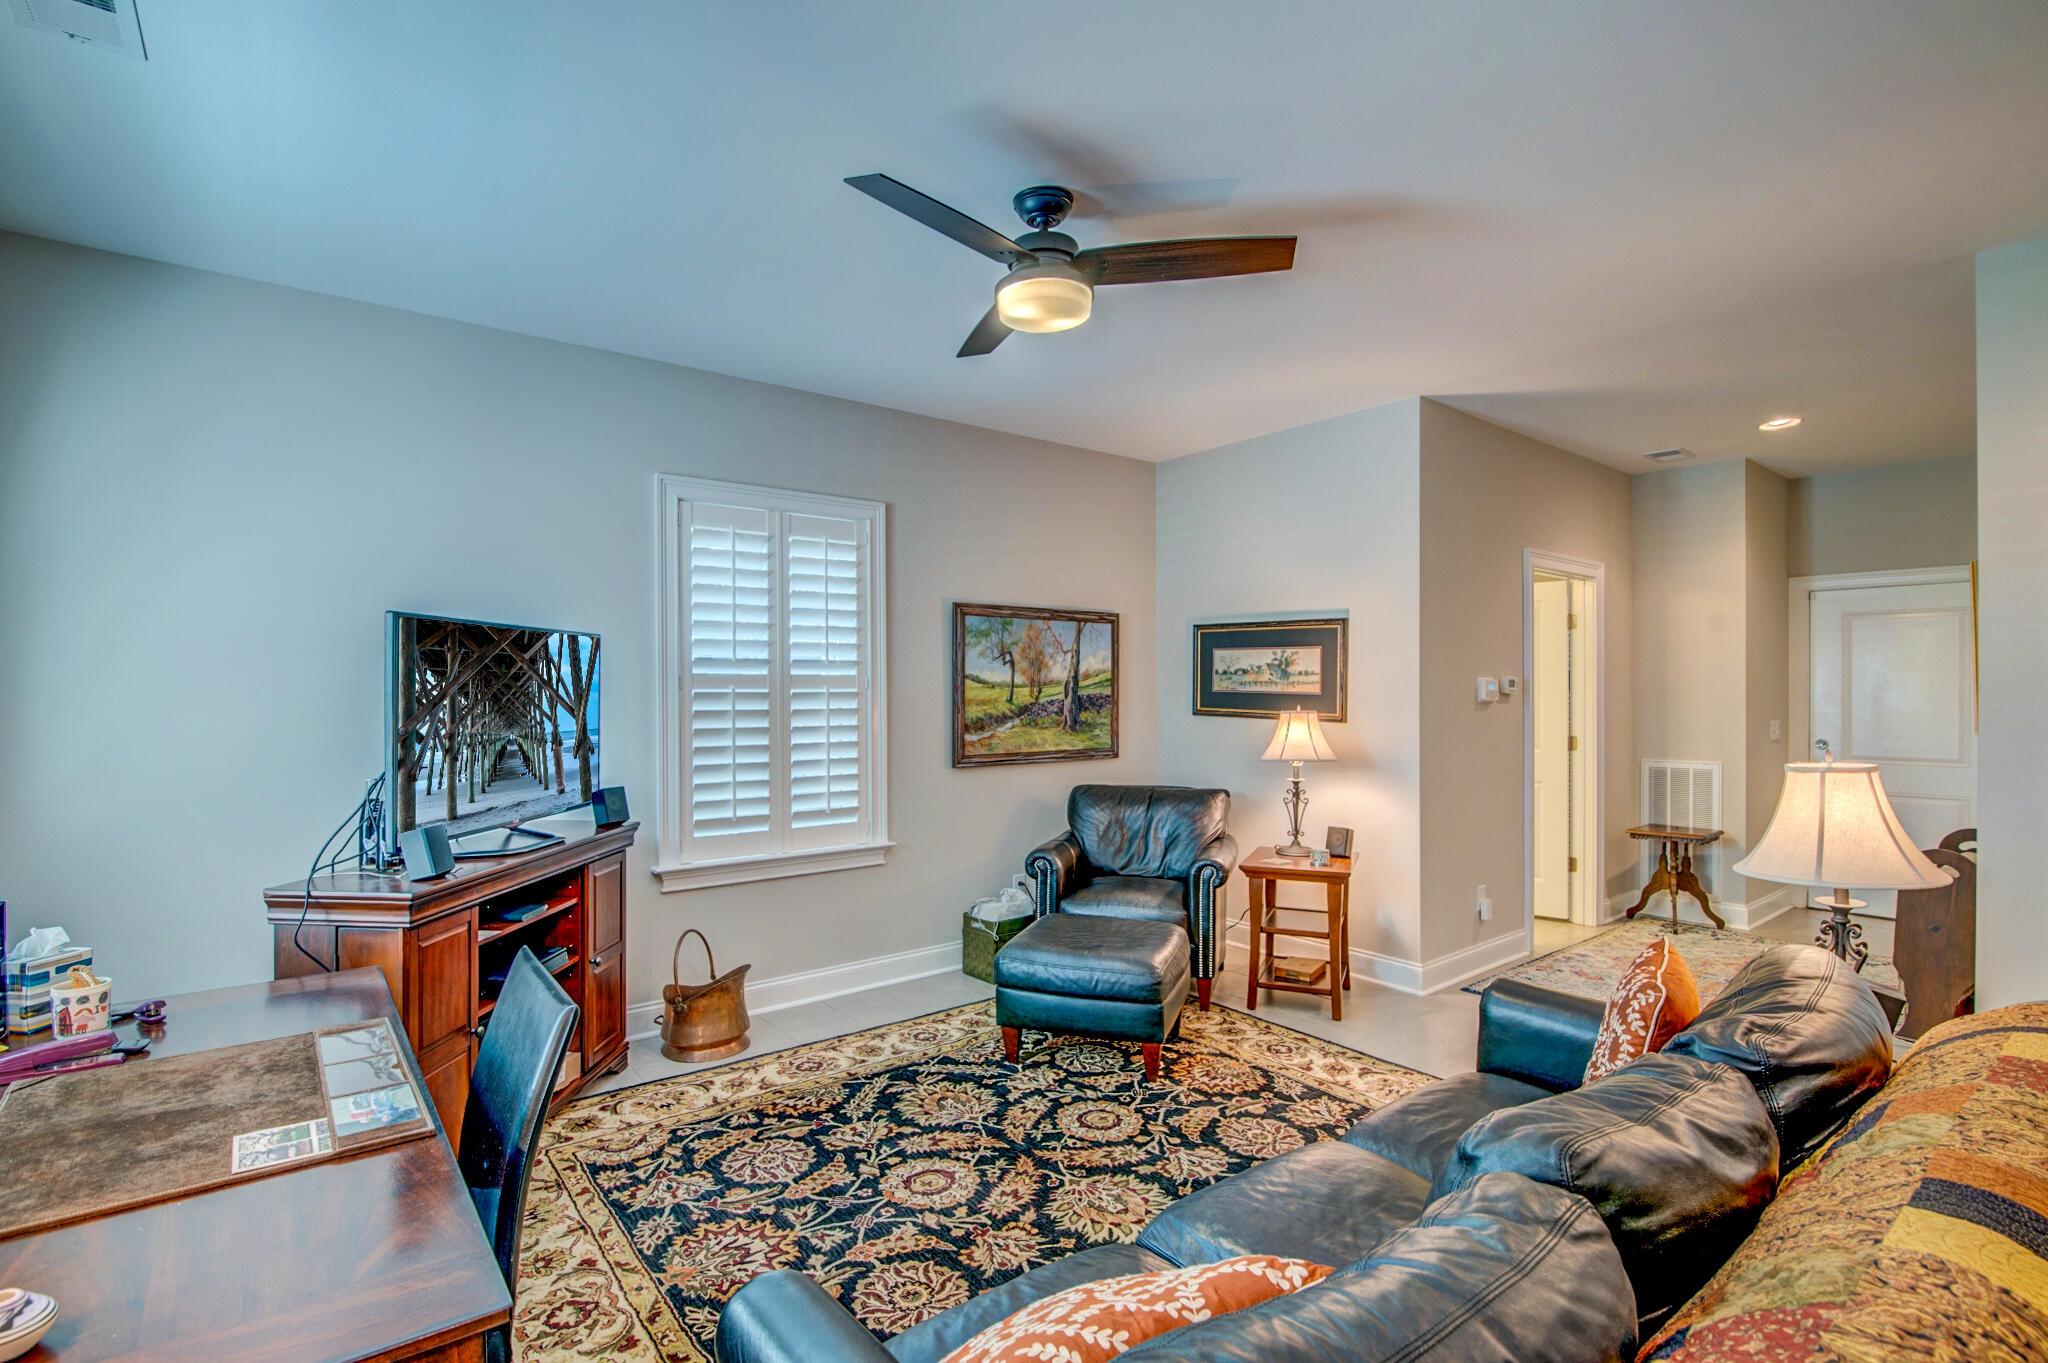 Whitesides Park Homes For Sale - 1102 Alagash Way, Mount Pleasant, SC - 6